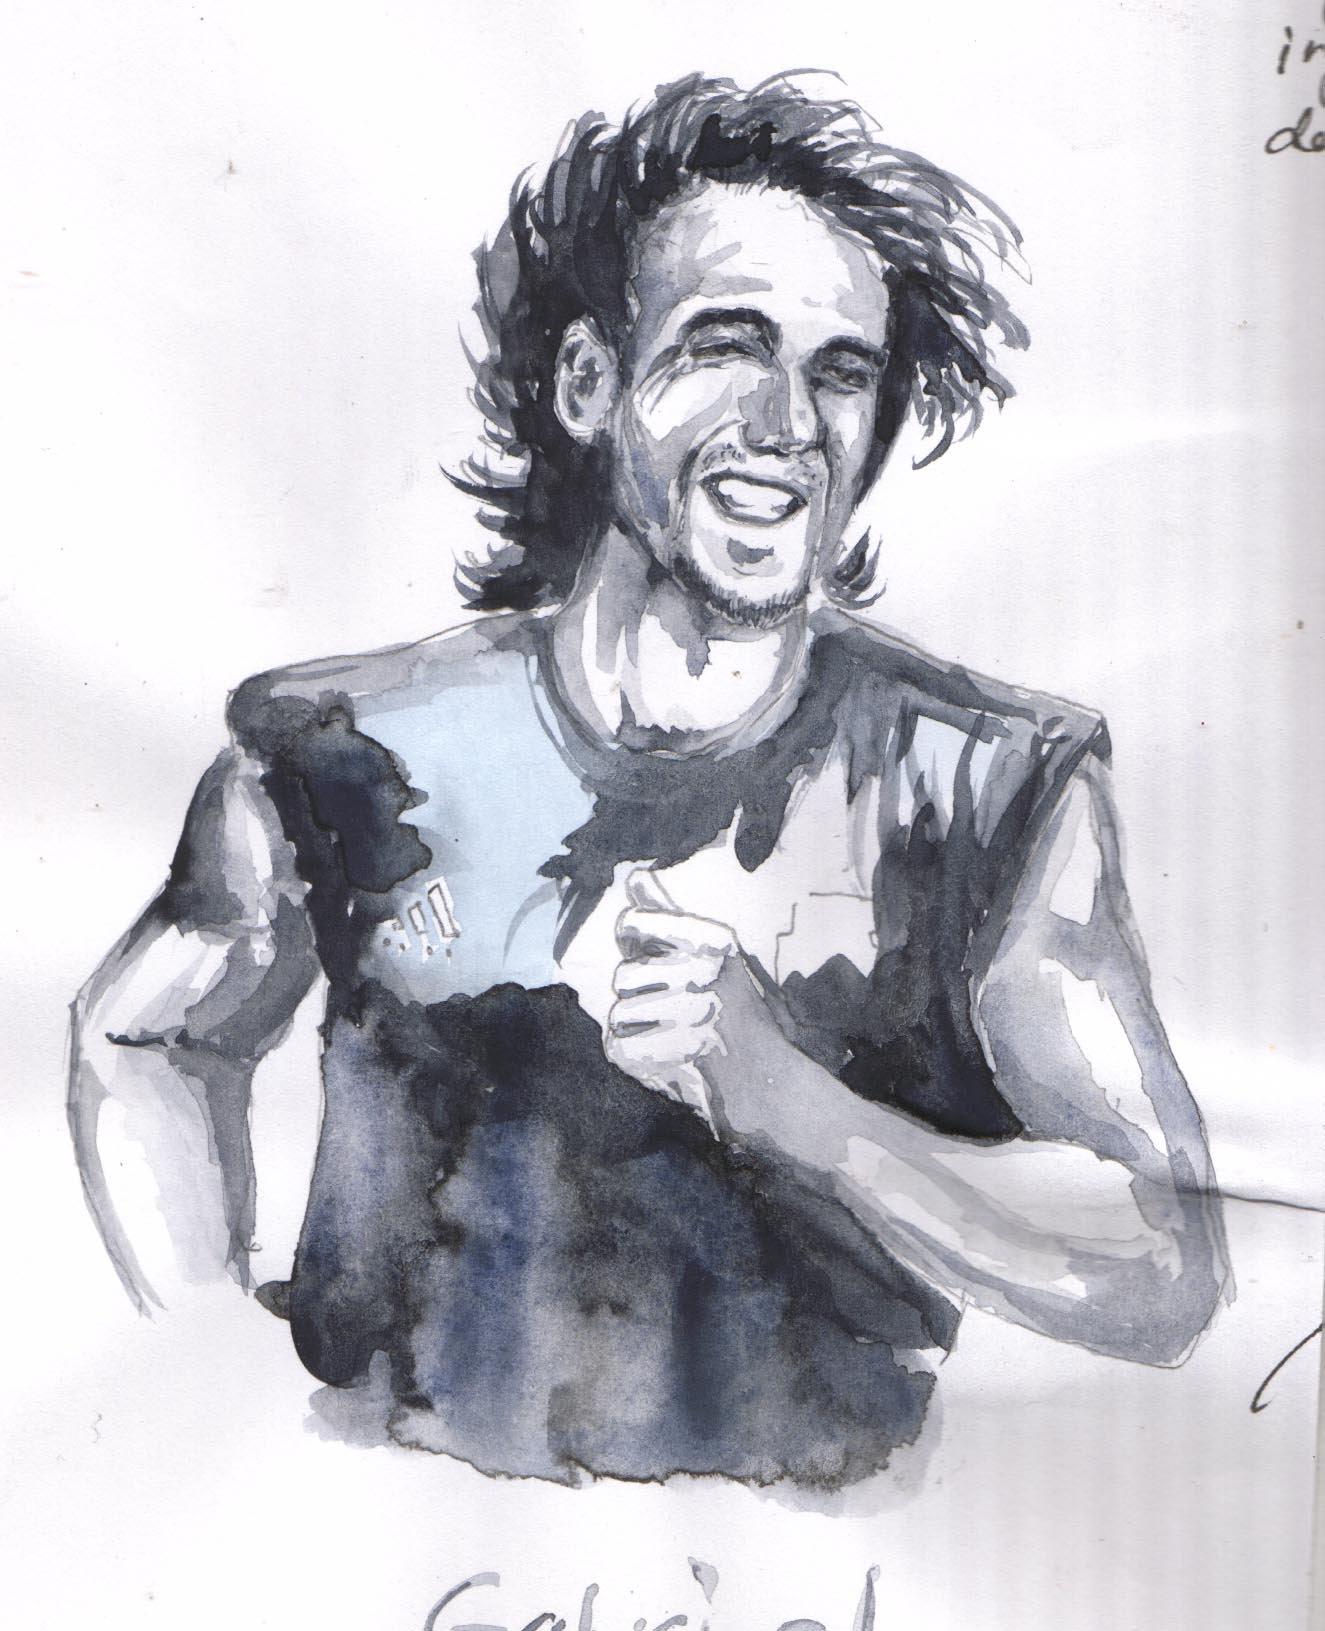 Gabriel Omar Batistuta by nazarmInflakasta on deviantART 1325x1631